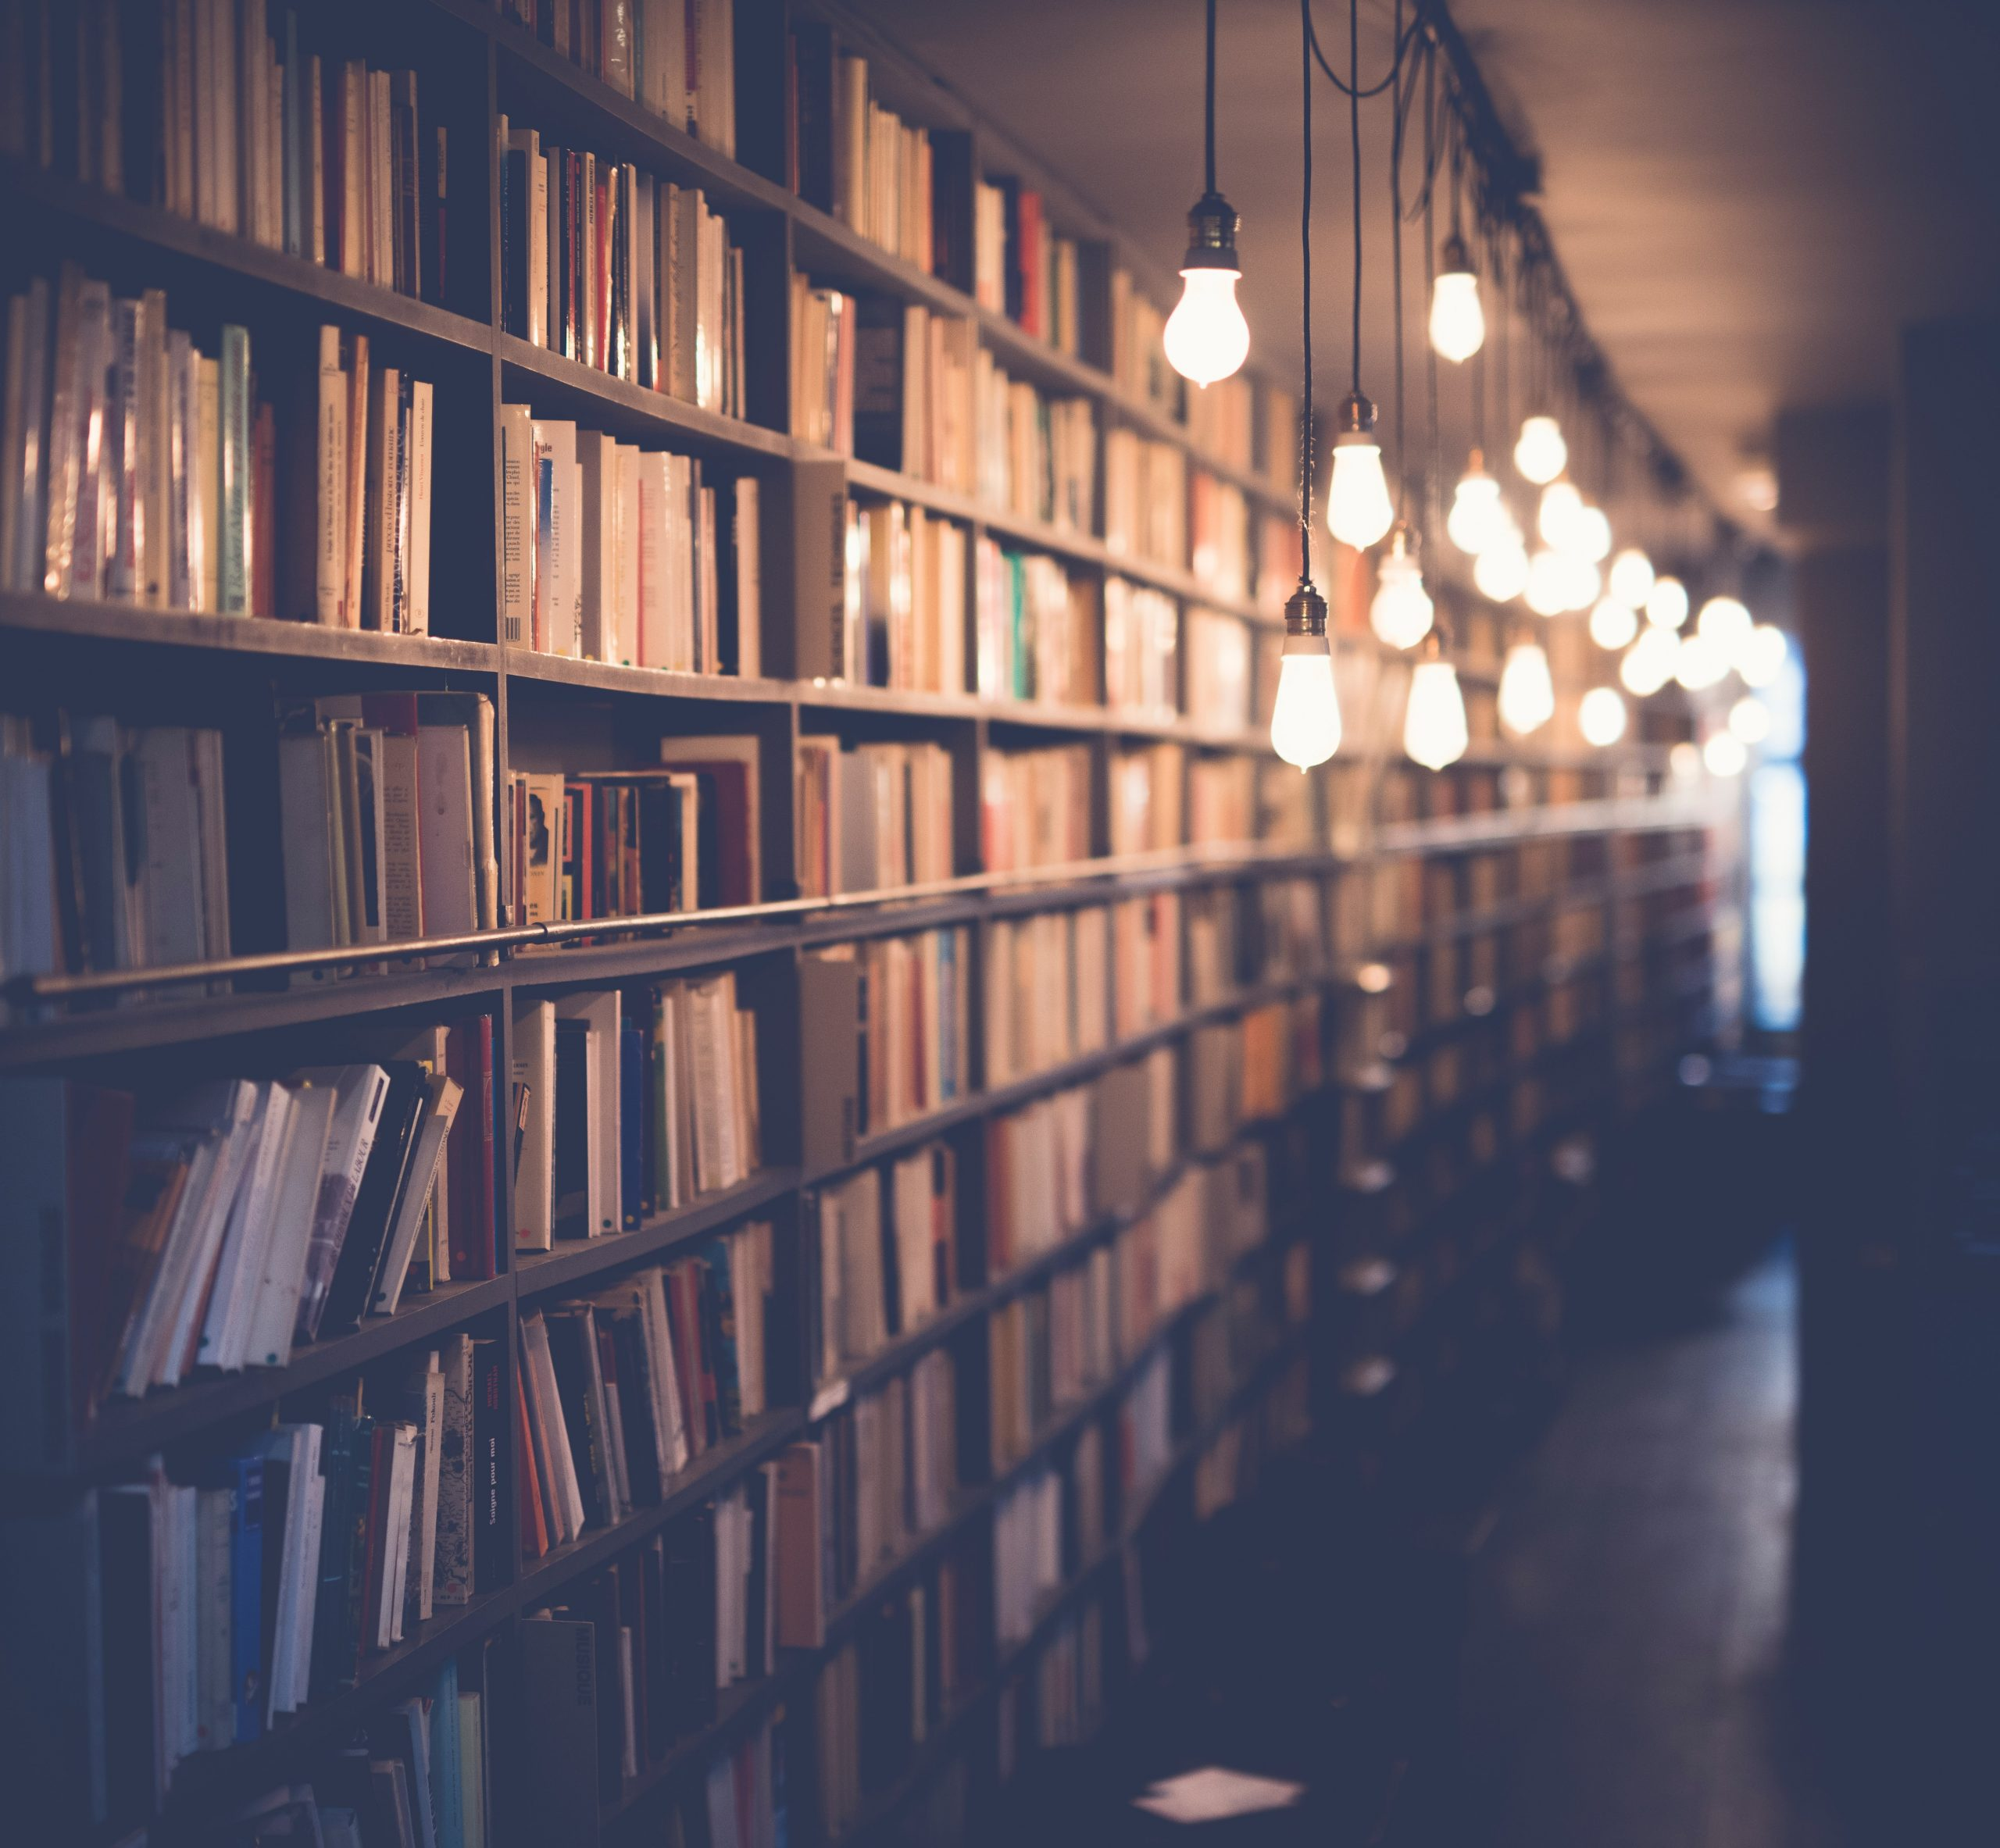 Plano de Desconfinamento permite reabertura de bibliotecas, livrarias e arquivos em Portugal